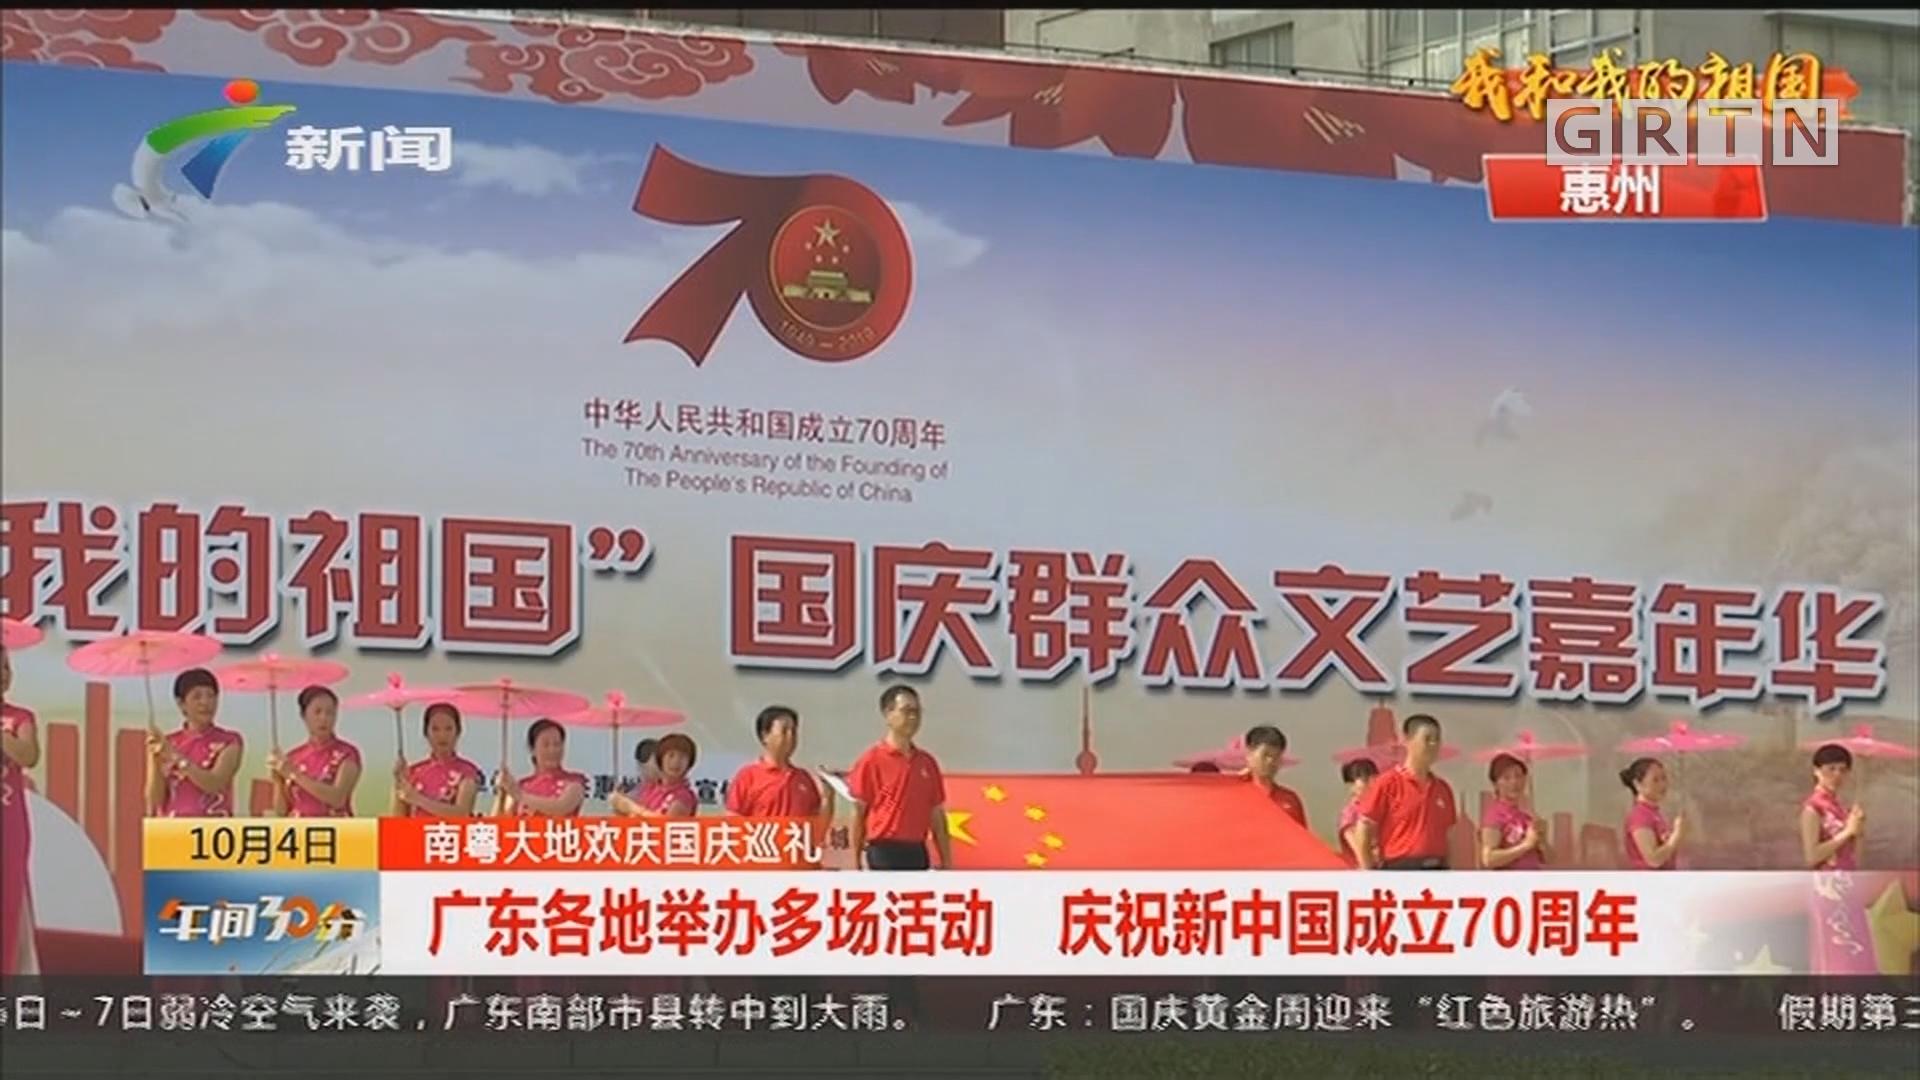 南粤大地欢庆国庆巡礼:广东各地举办多场活动 庆祝新中国成立70周年